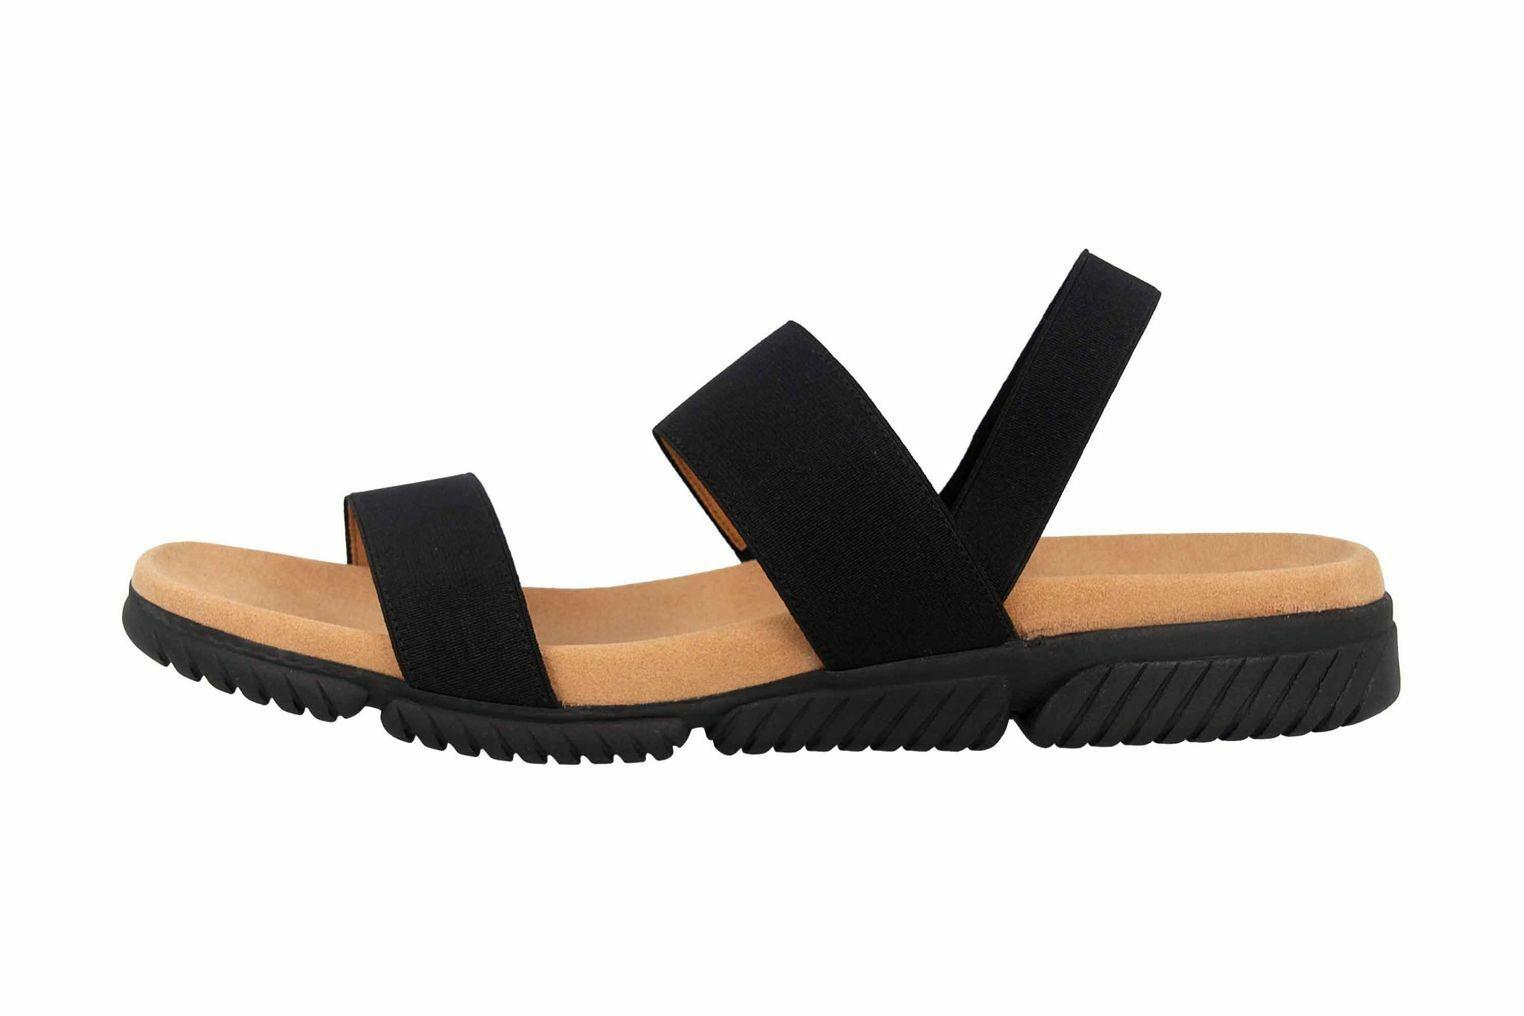 Gabor jollys Sandali in overDimensione nero 23.710.87 grandi grandi grandi scarpe da donna aedd7d